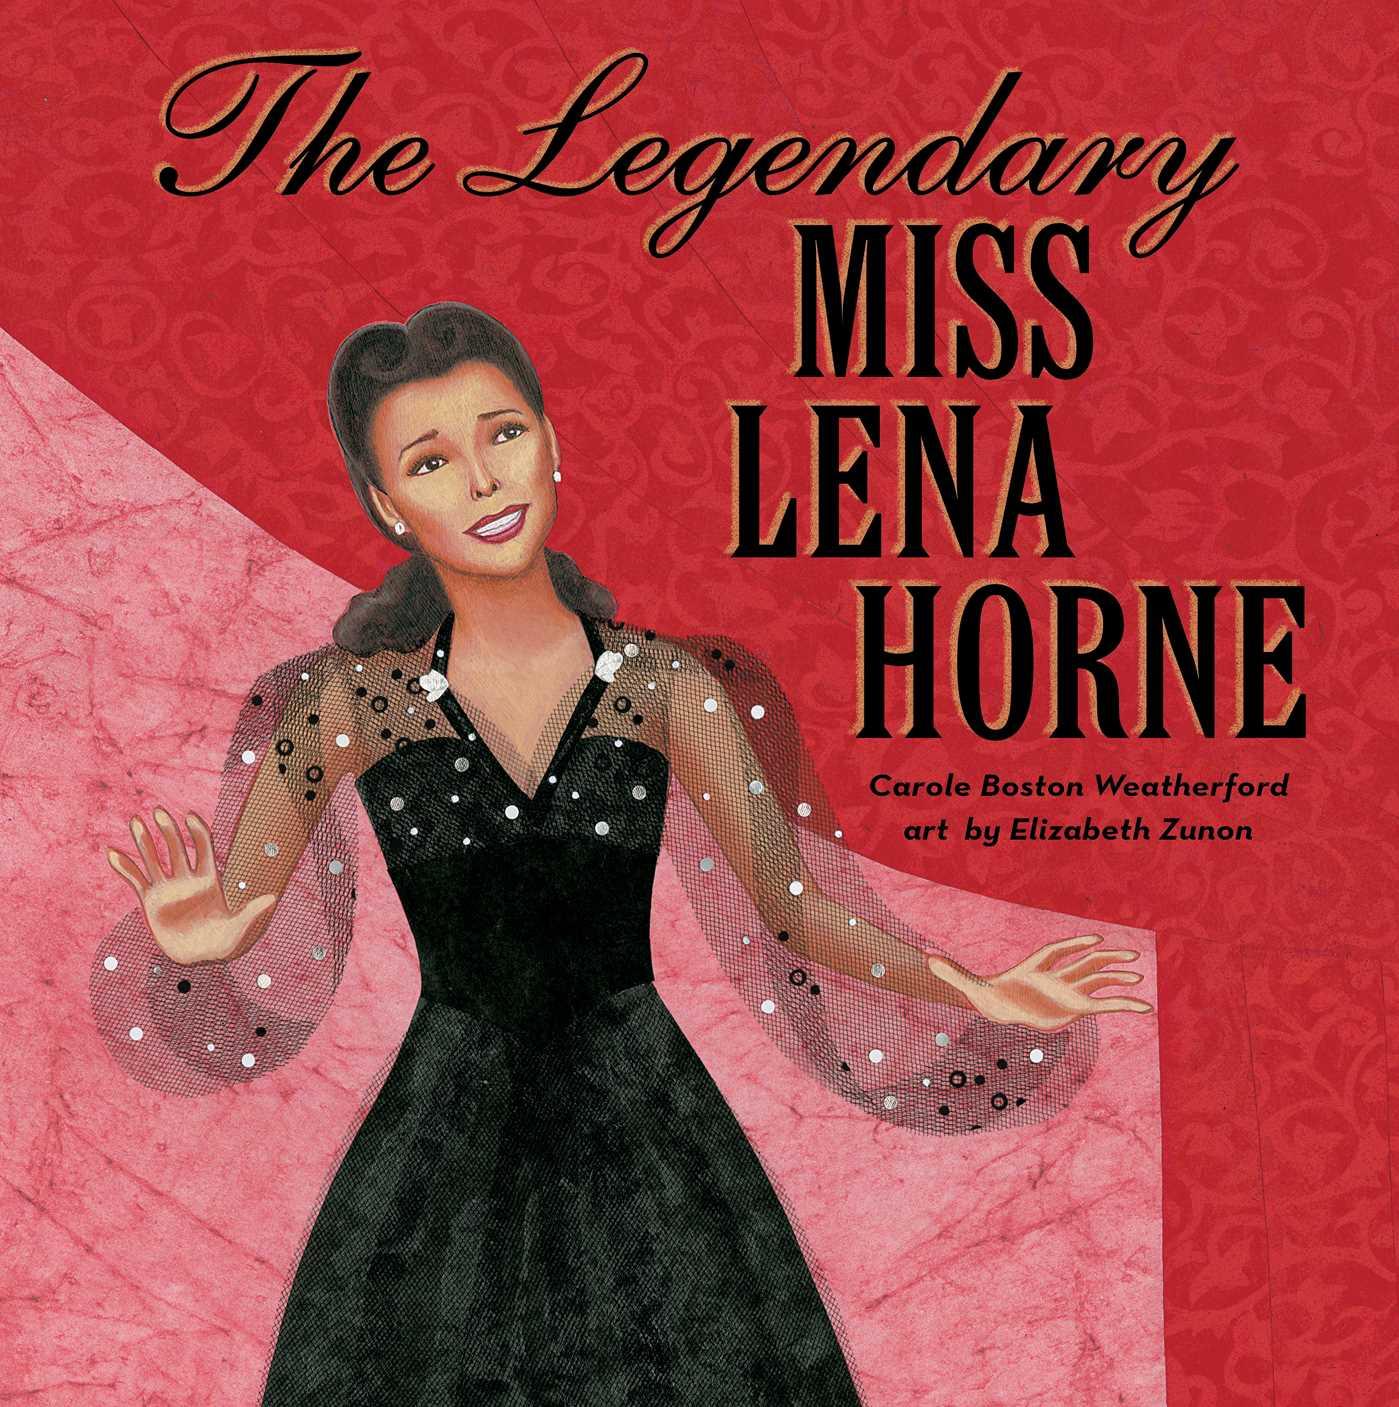 The legendary miss lena horne 9781481468251 hr